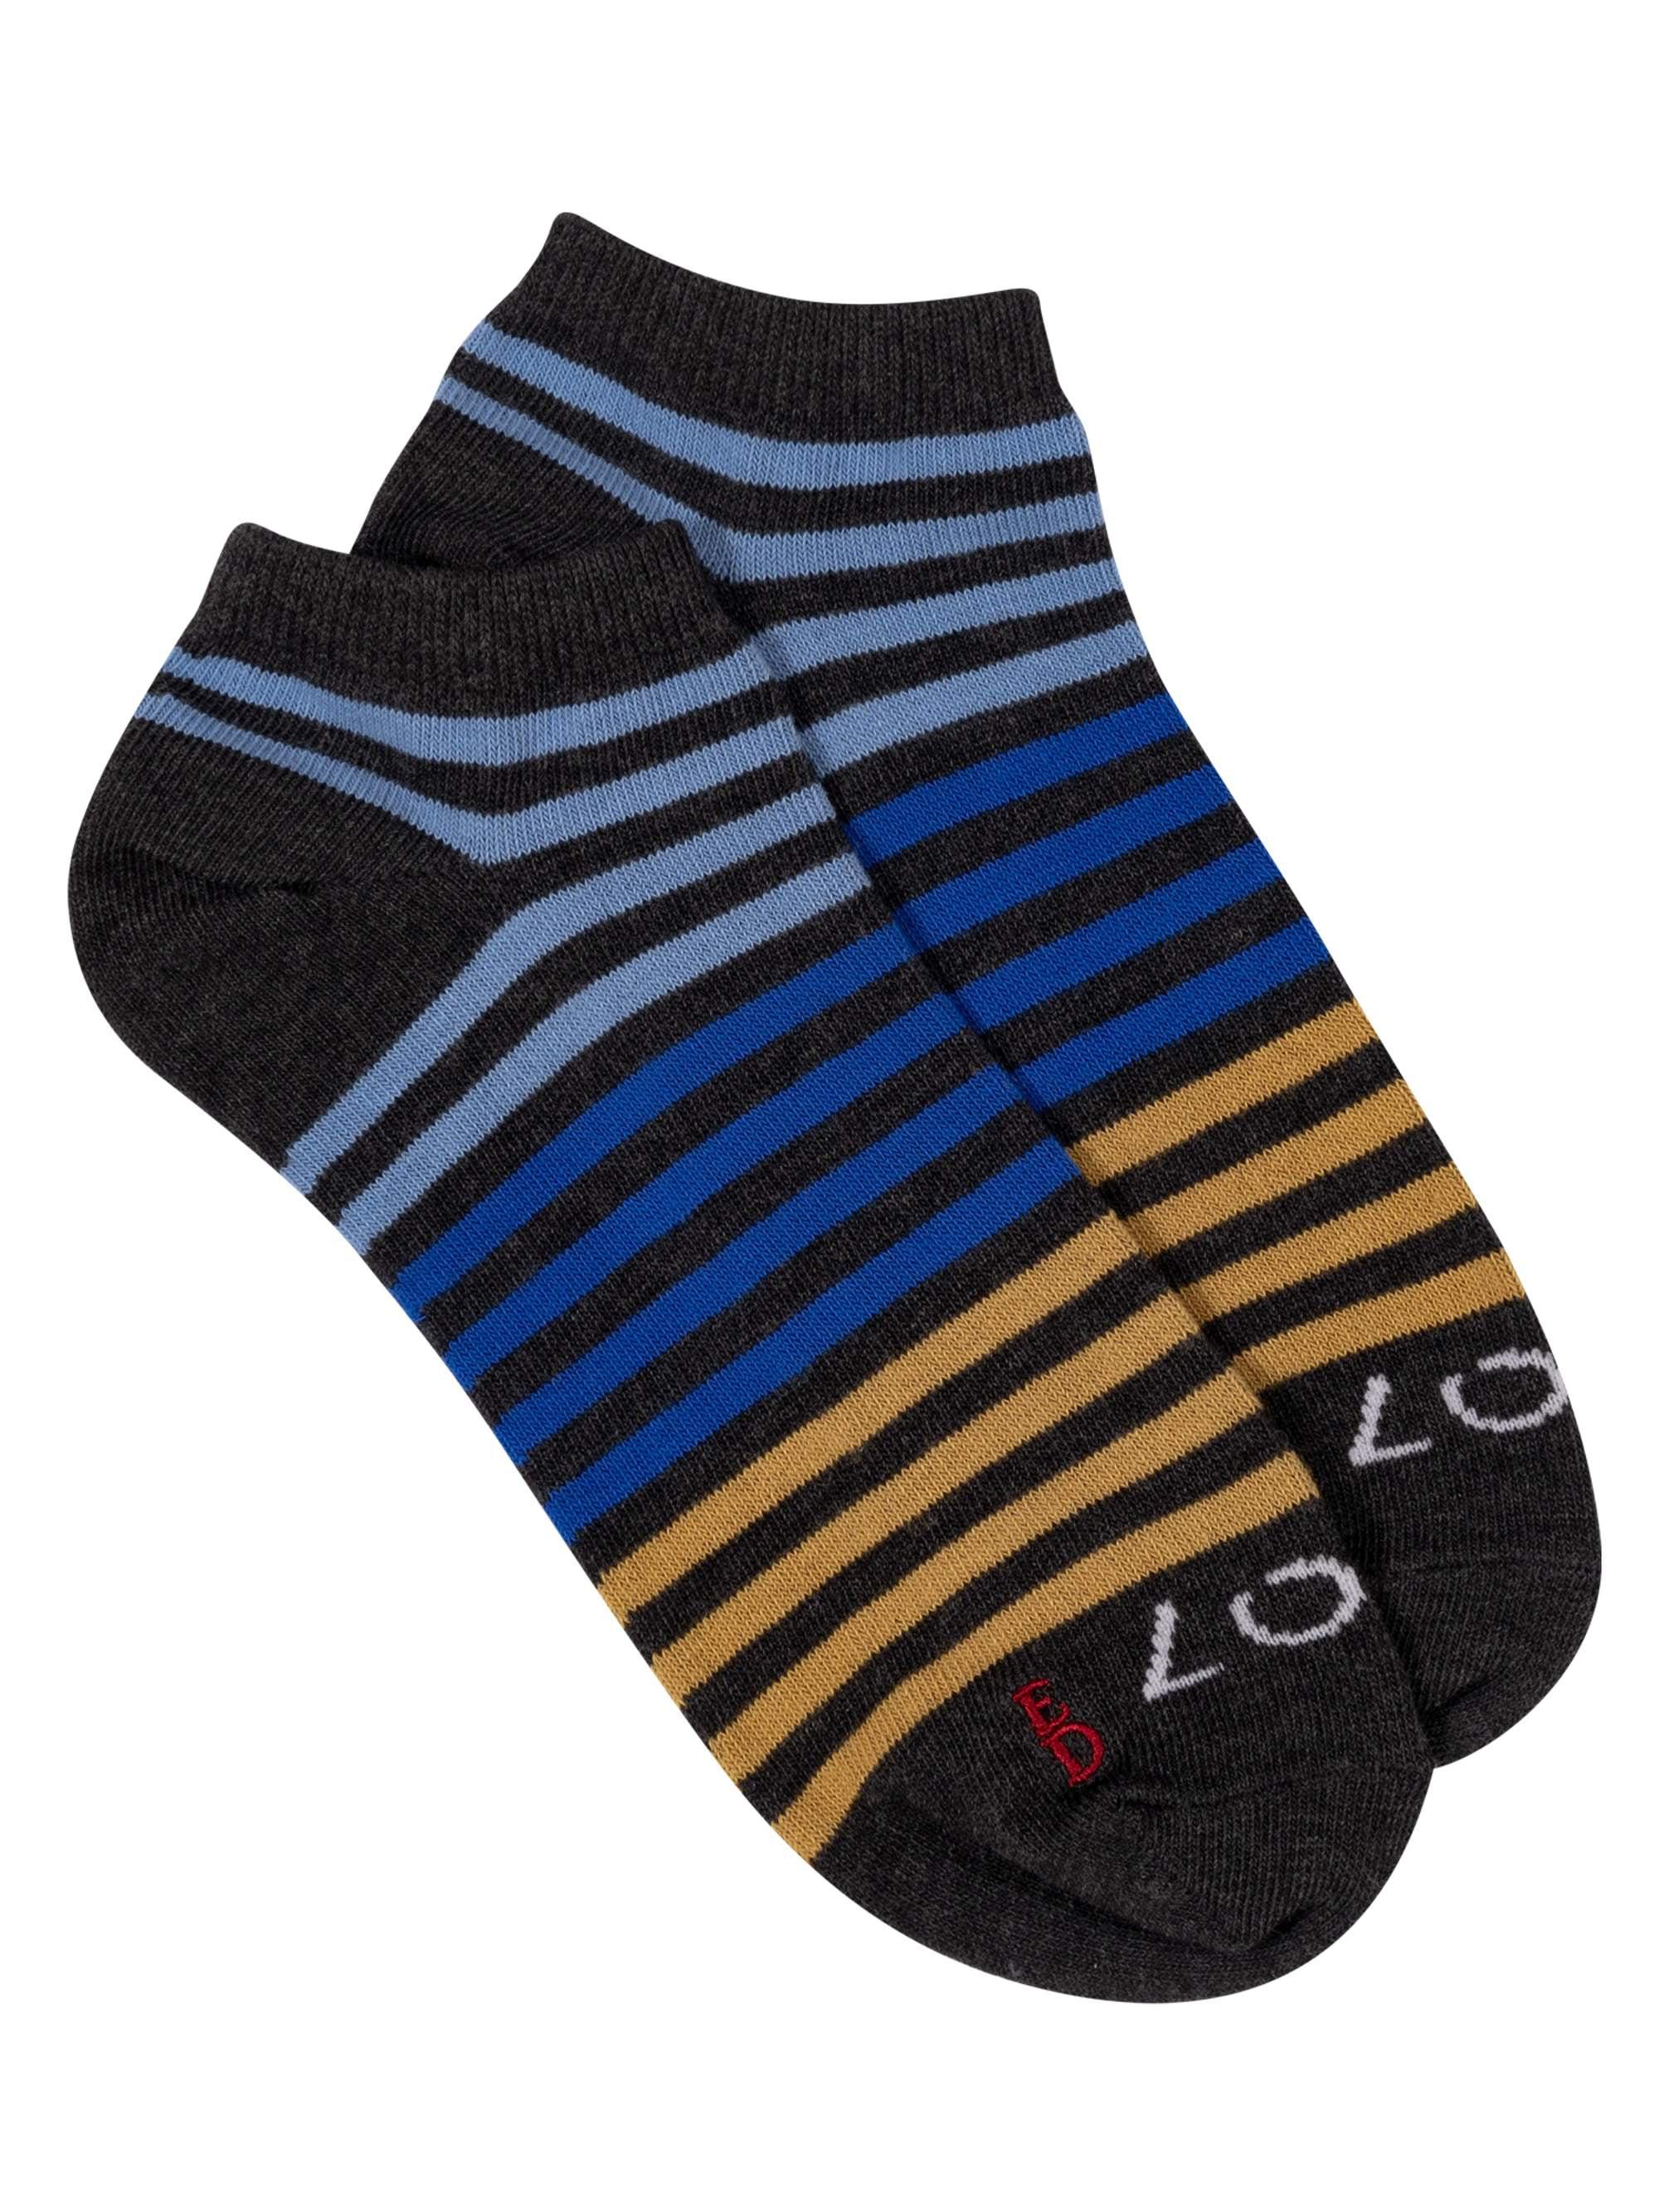 Women's Multi Stripe Low Cut Socks